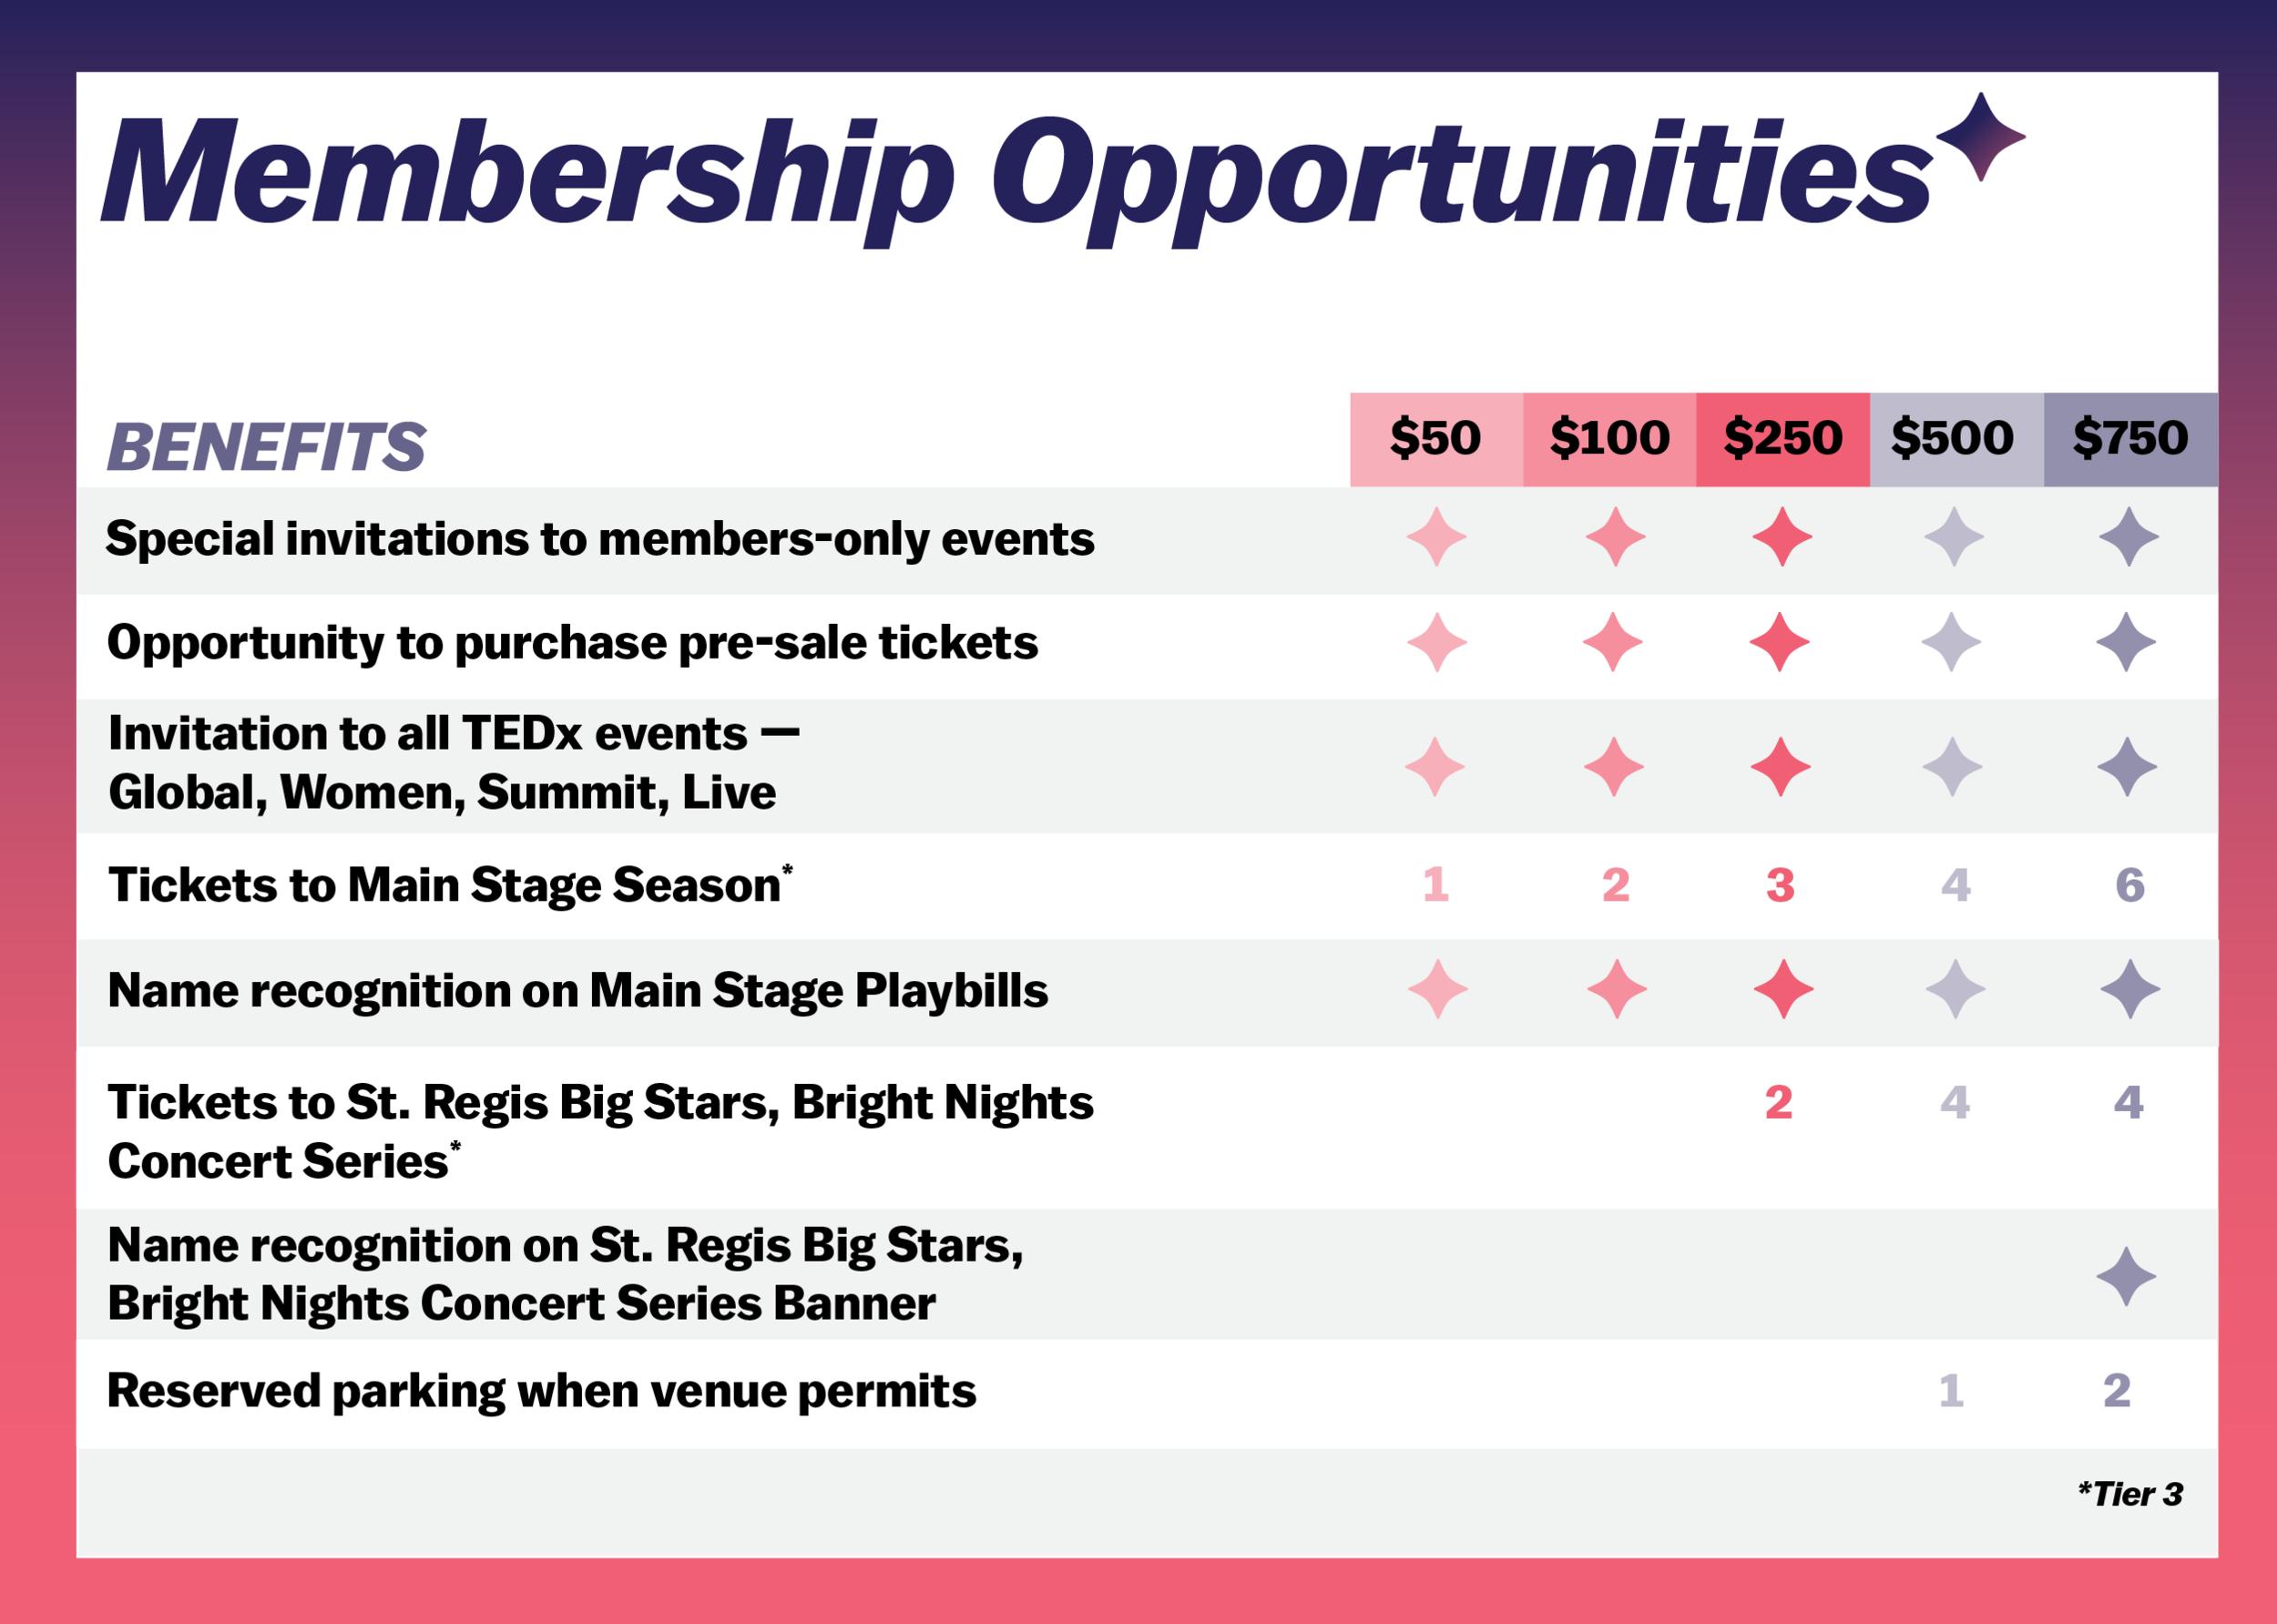 Membershipopps_4.png